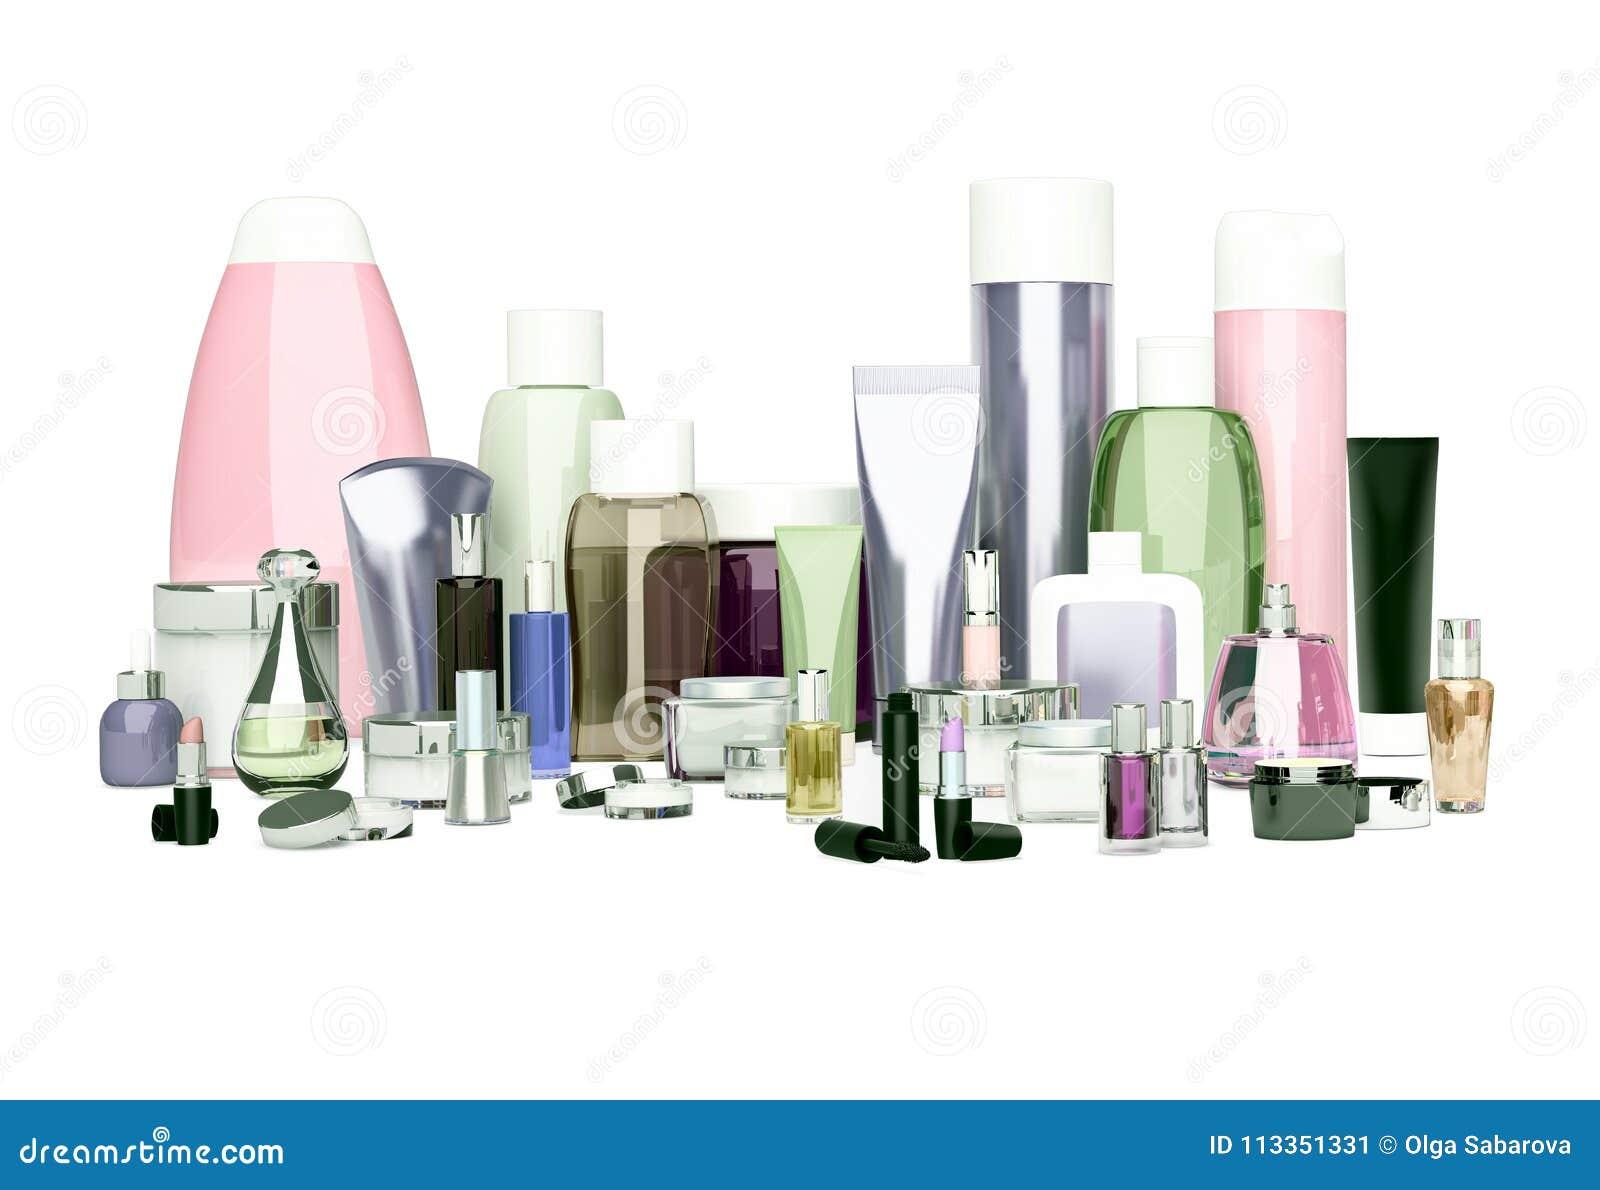 Καθημερινά, καλλυντικό προσοχής ομορφιάς και προϊόντα σύνθεσης Κρέμα προσώπου, ey